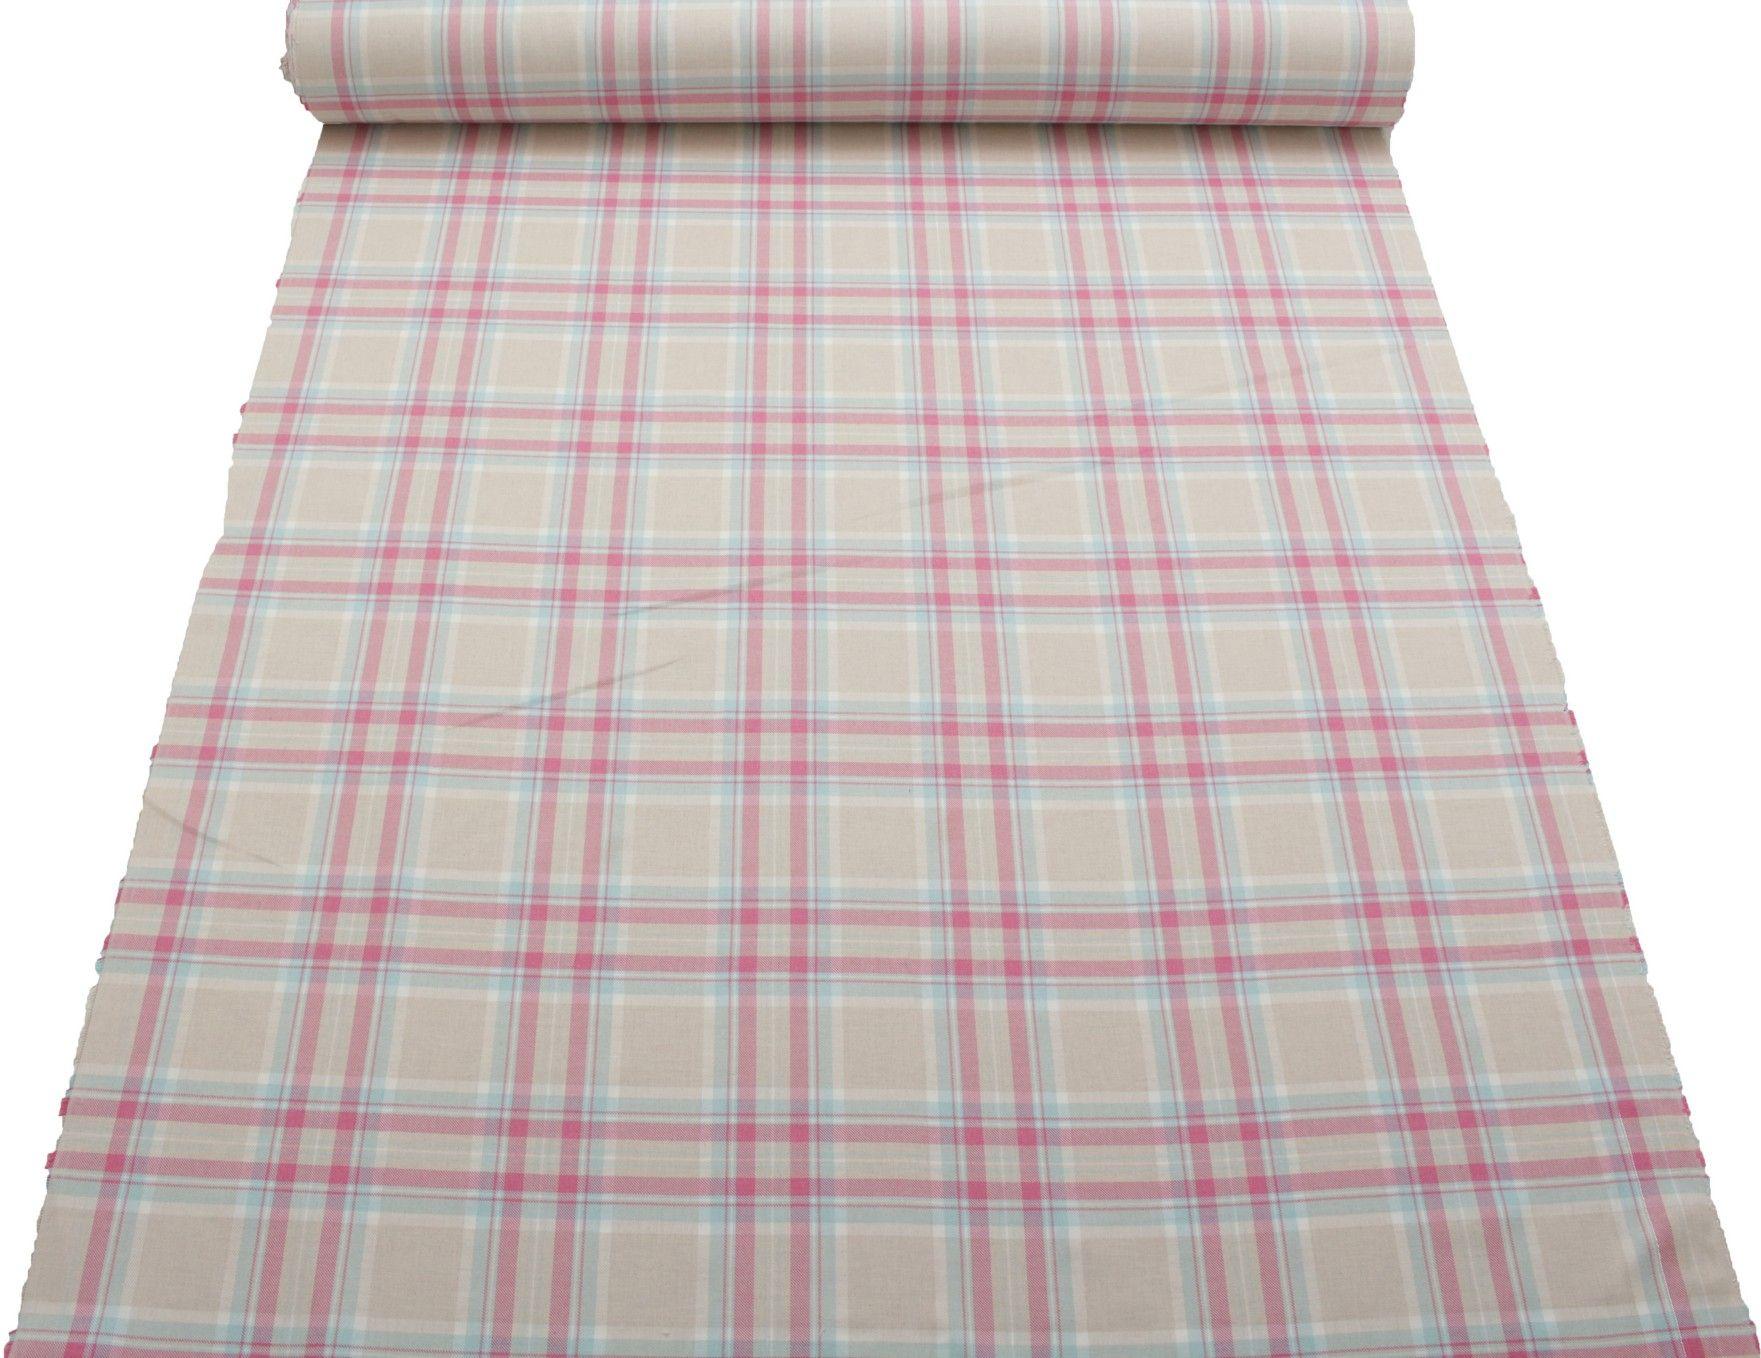 pastel plaid   100-Cotton-Tartan-Check-Pastel-Plaid-Faux-Wool-Sofa-Curtain-Upholstery  . 30ea5de3d93